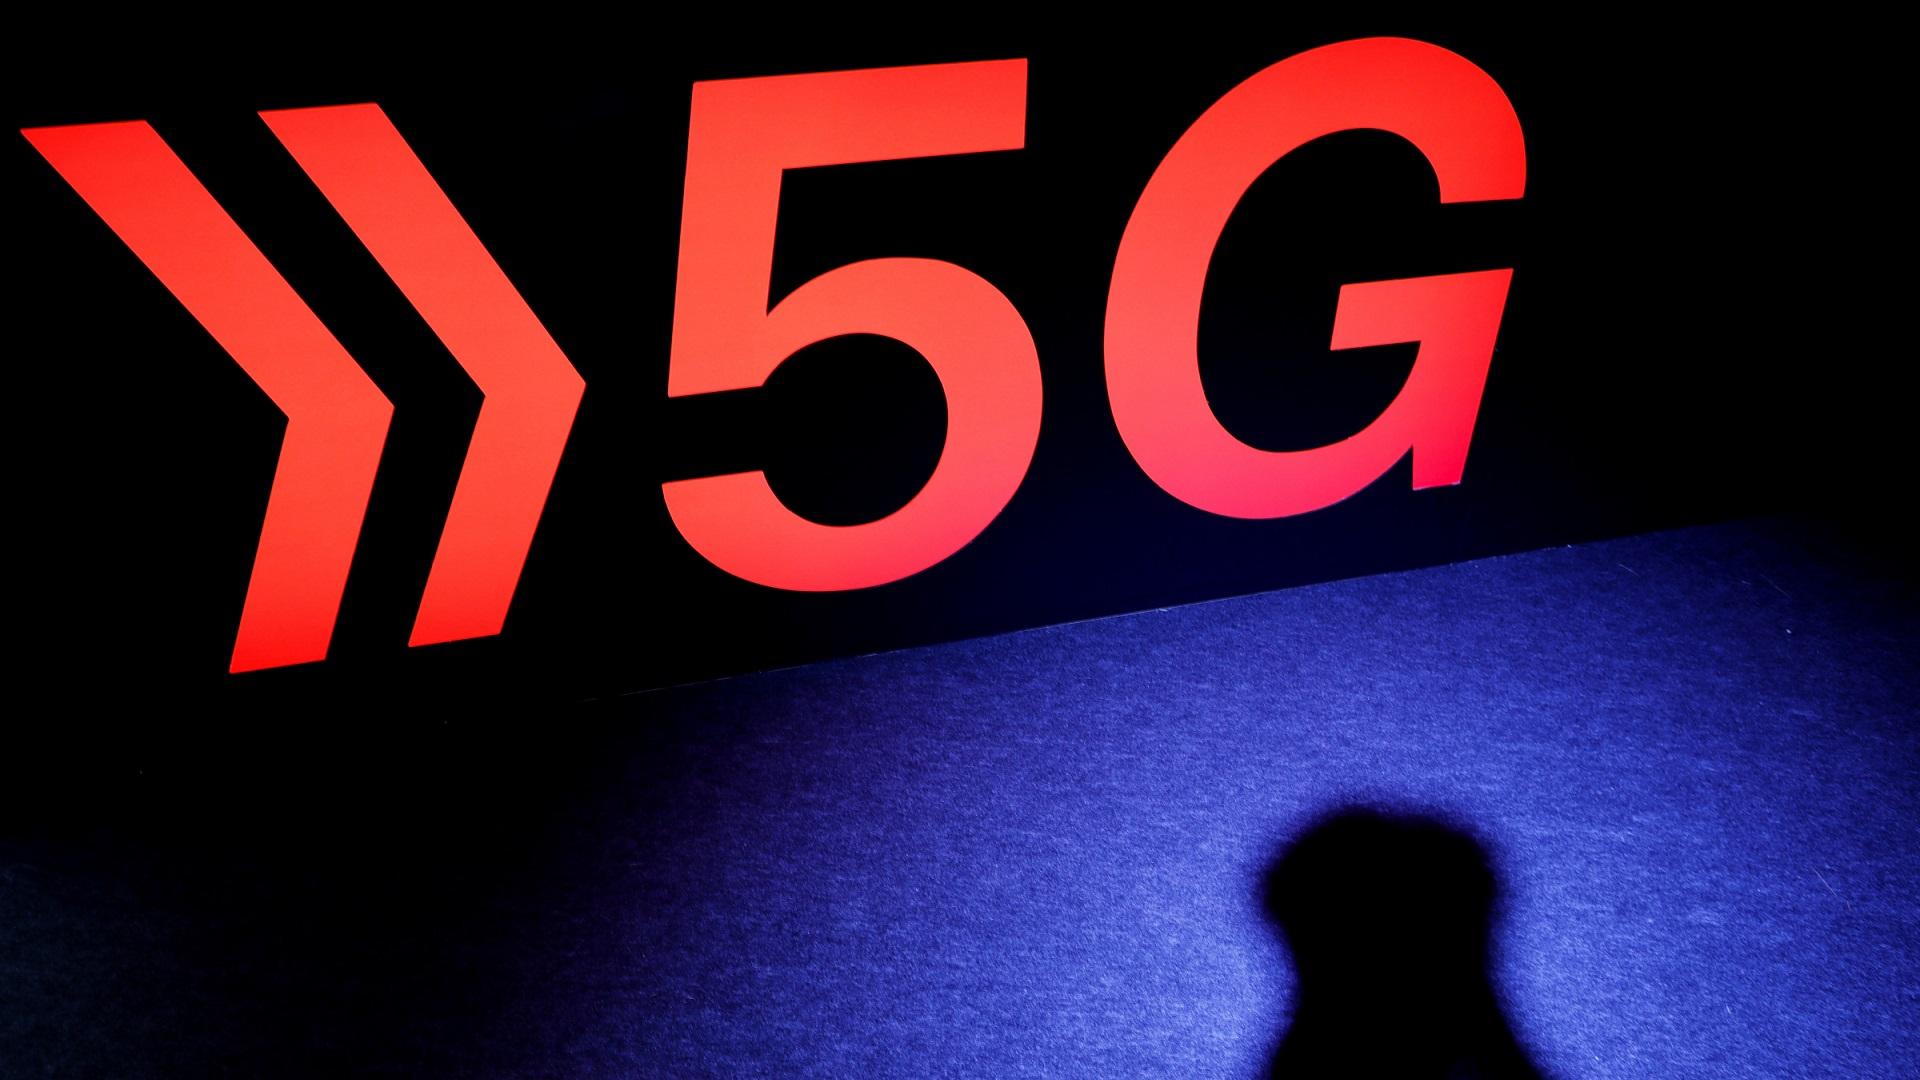 Teised mobiilioperaatorid teevad Tele2 idee ehitada üks ühine 5G-võrk maatasa